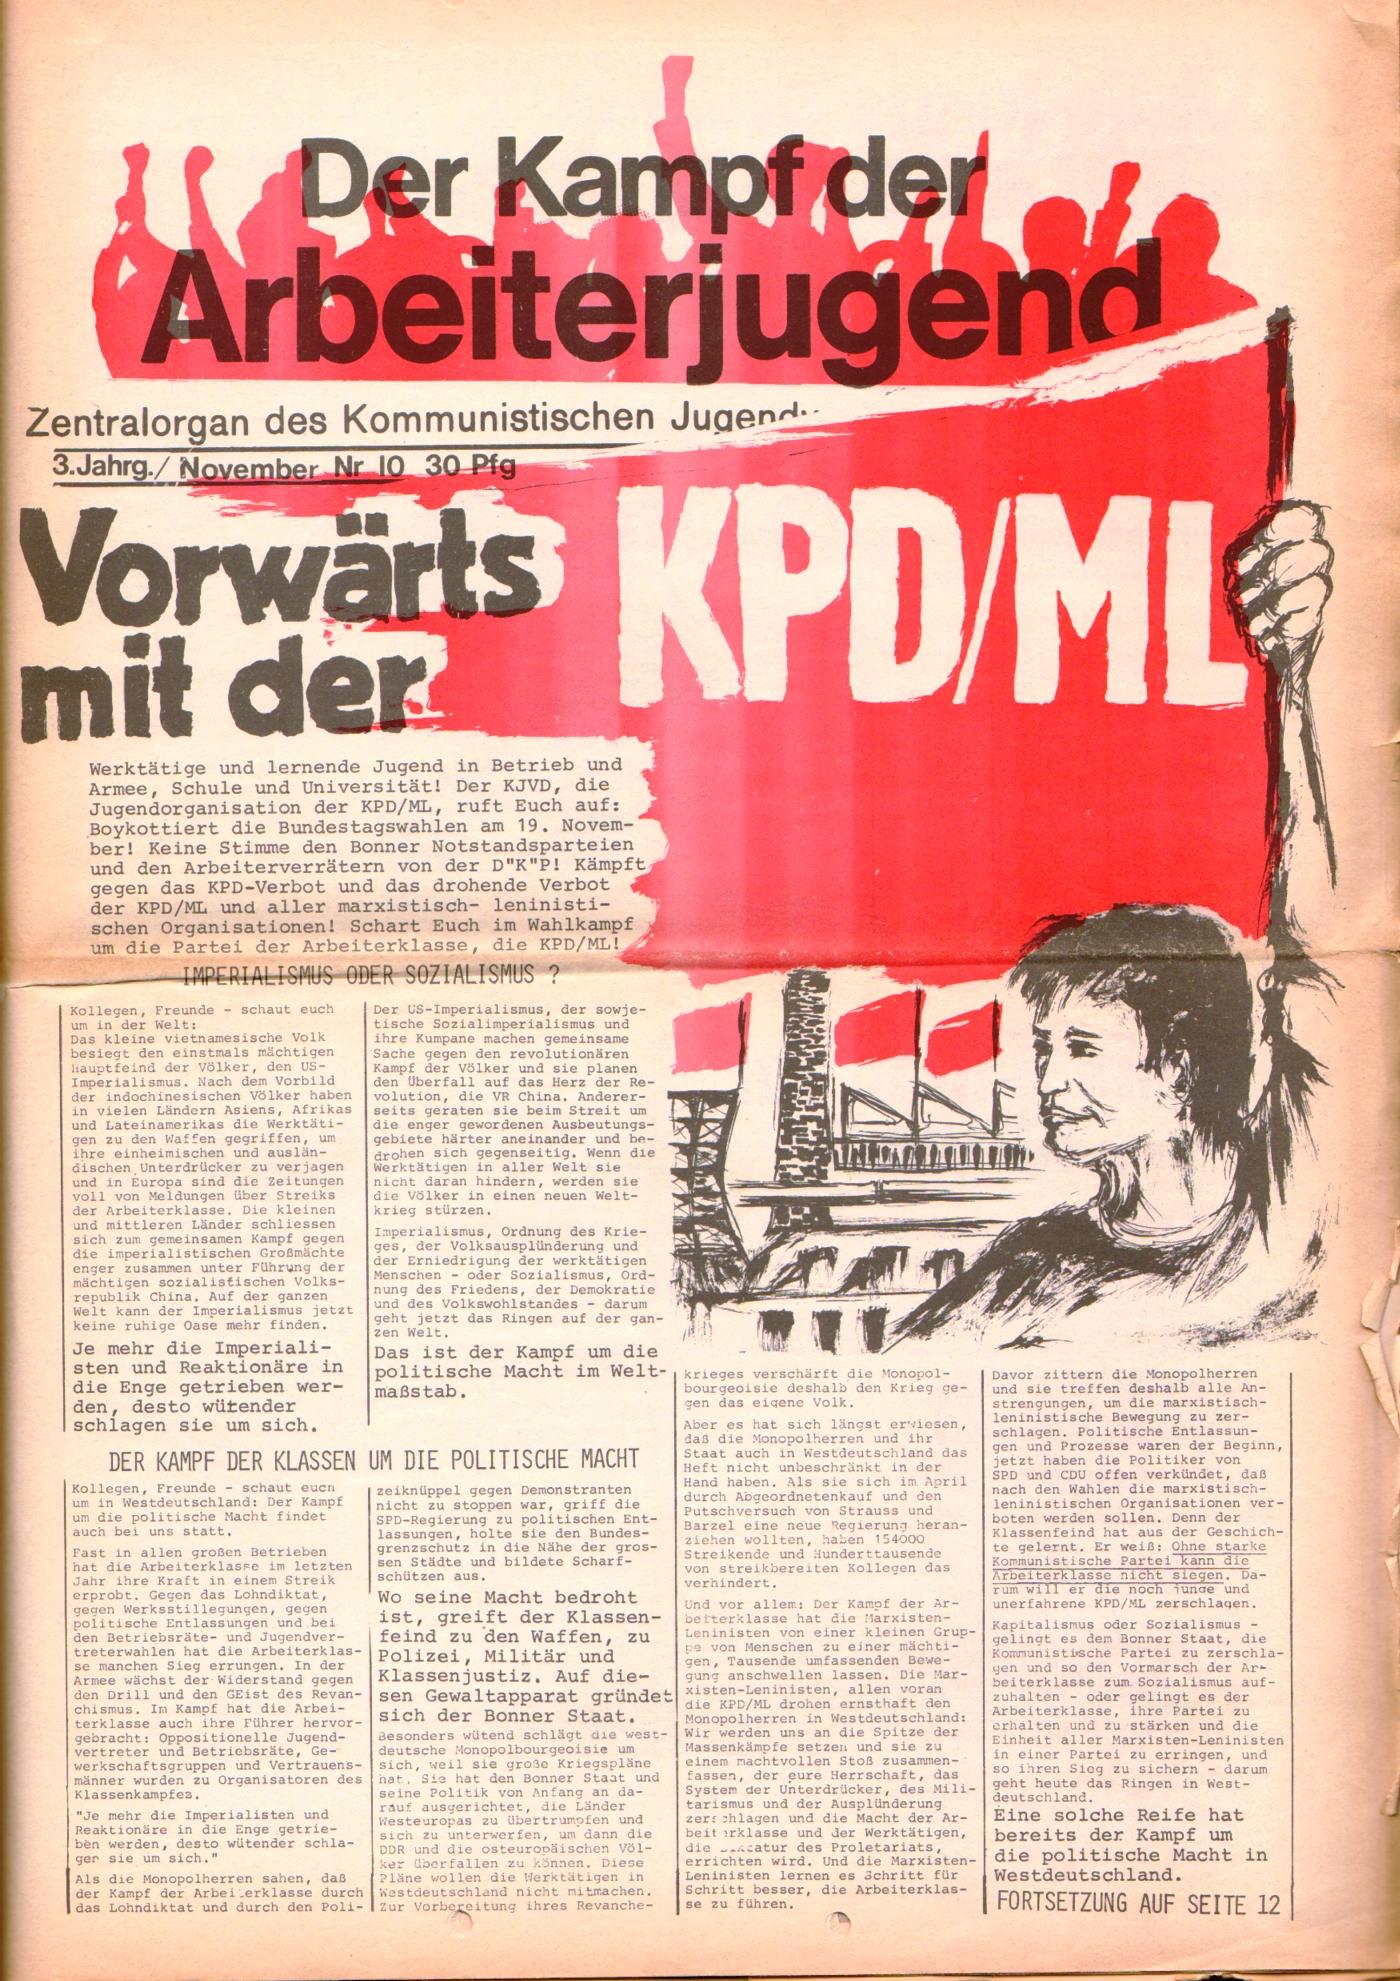 KDAJ, 3. Jg., November 1972, Nr. 10, Seite 1